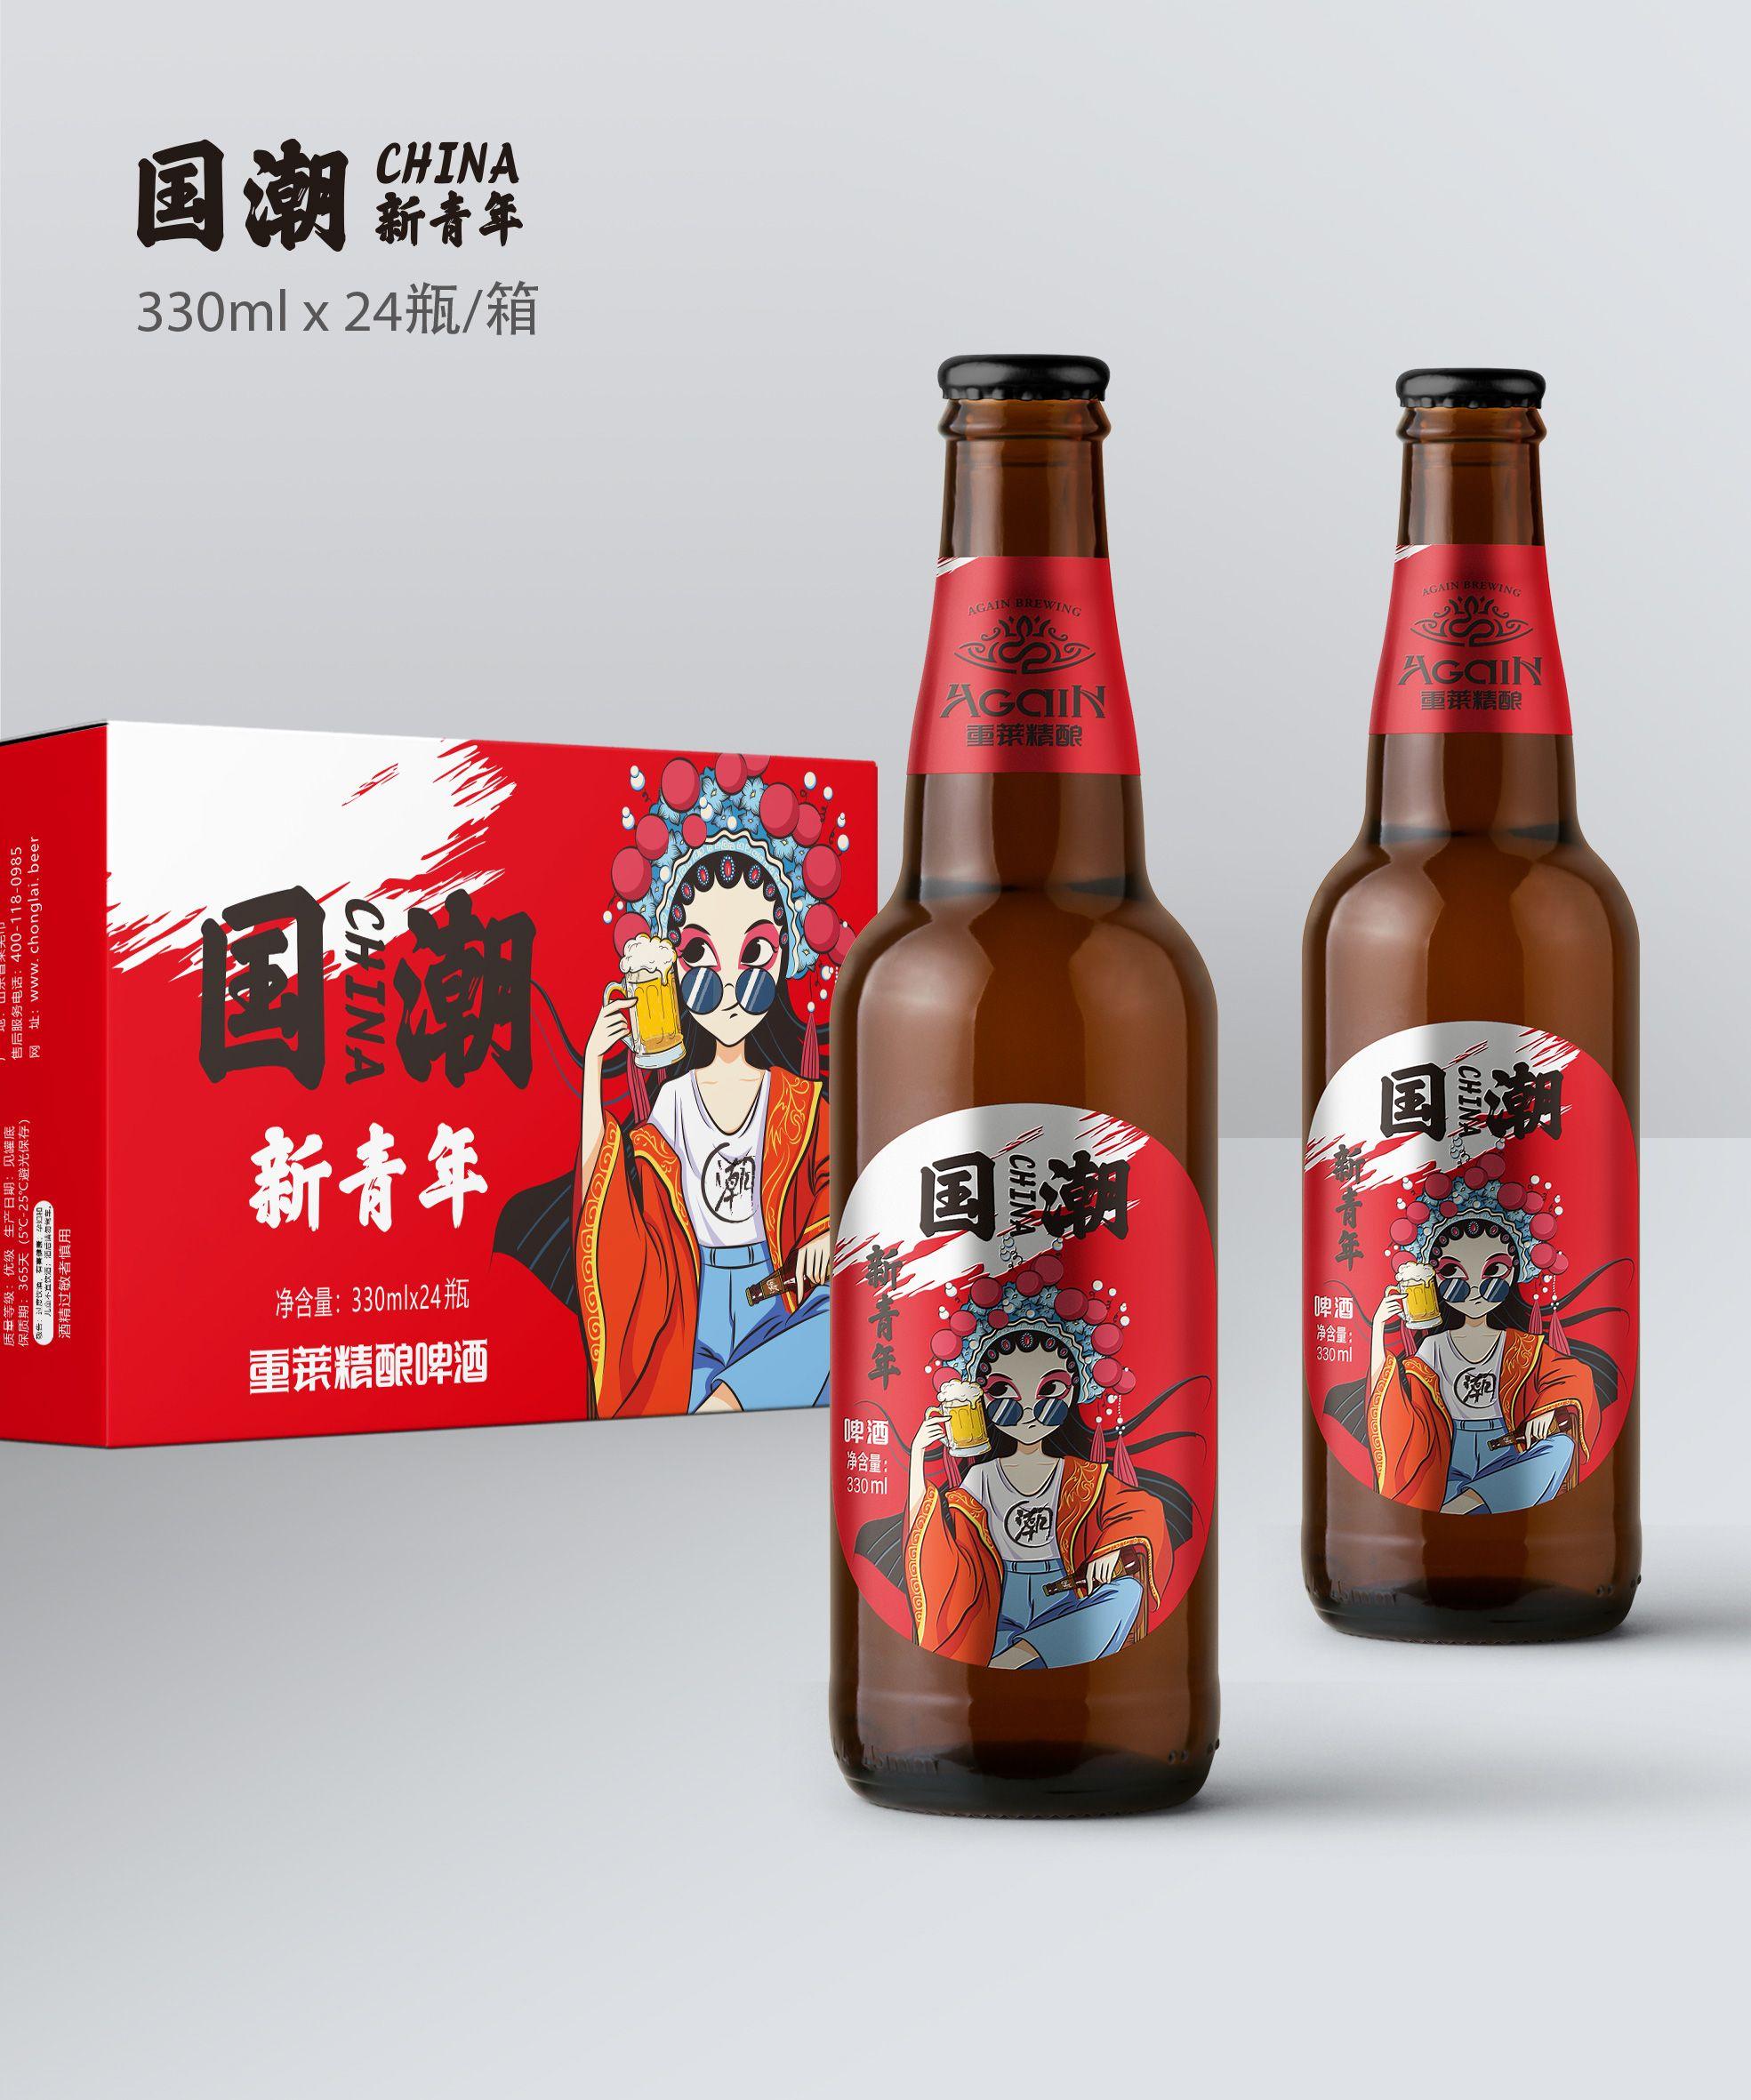 ��潮啤酒空白�^域招商,�S家扶持力度大,代理商利��高,免�M做代理